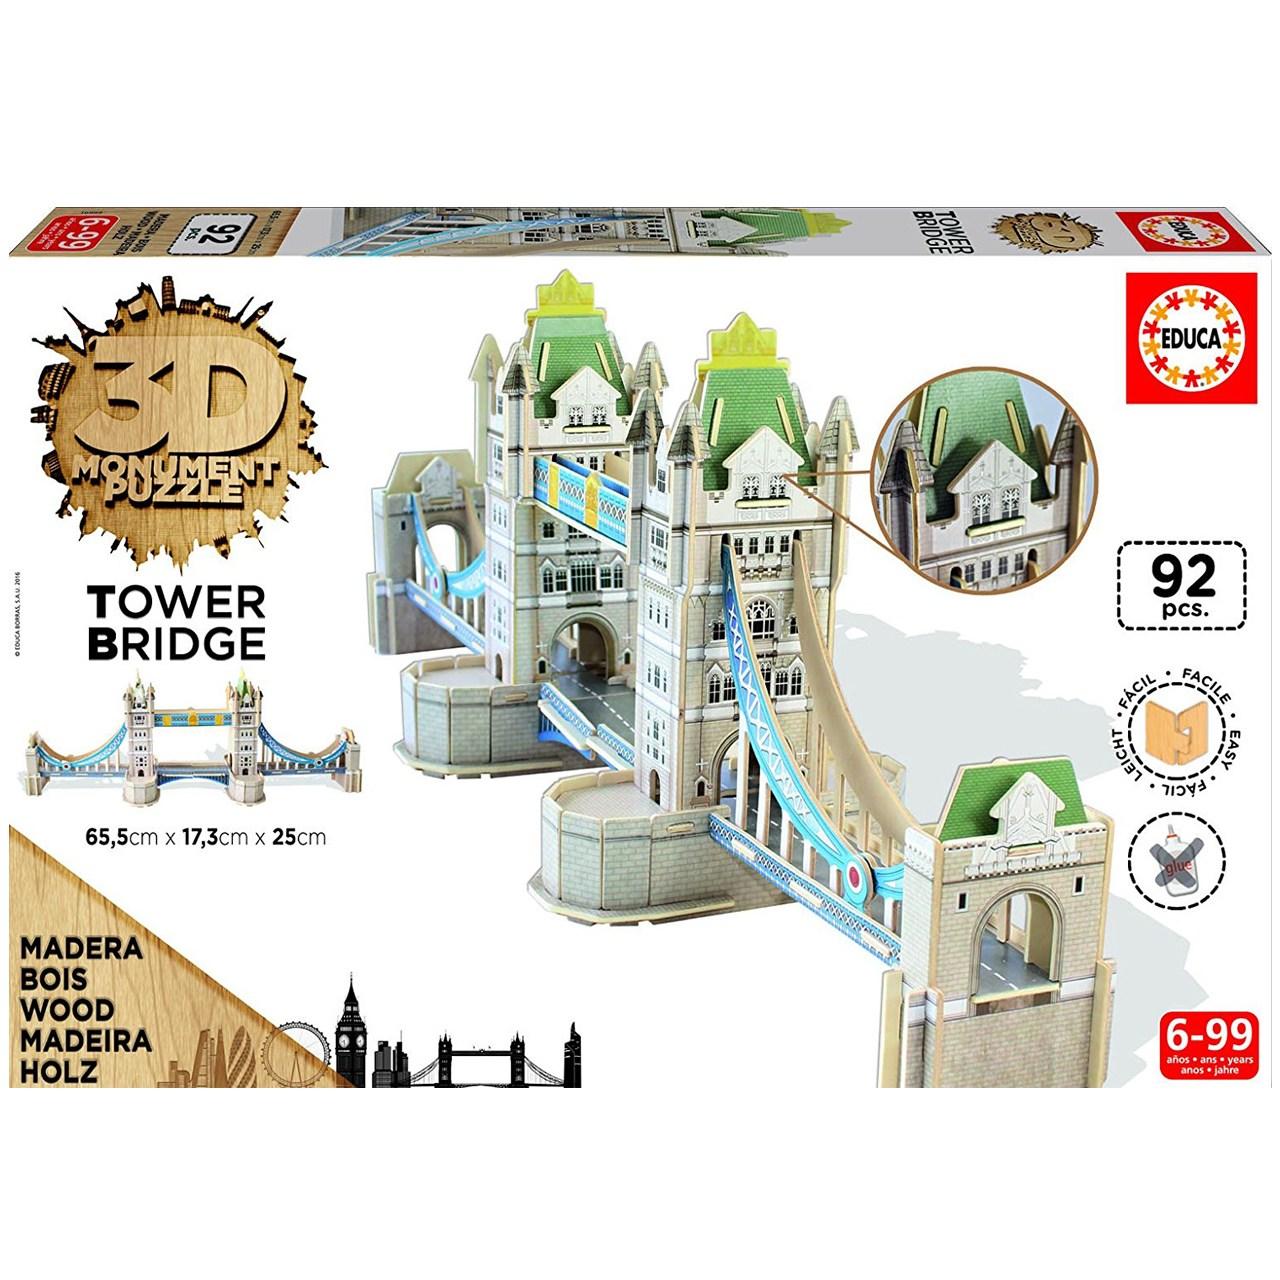 پازل سه بعدی چوبی 92 تکه ادوکا مدل Tower Bridge